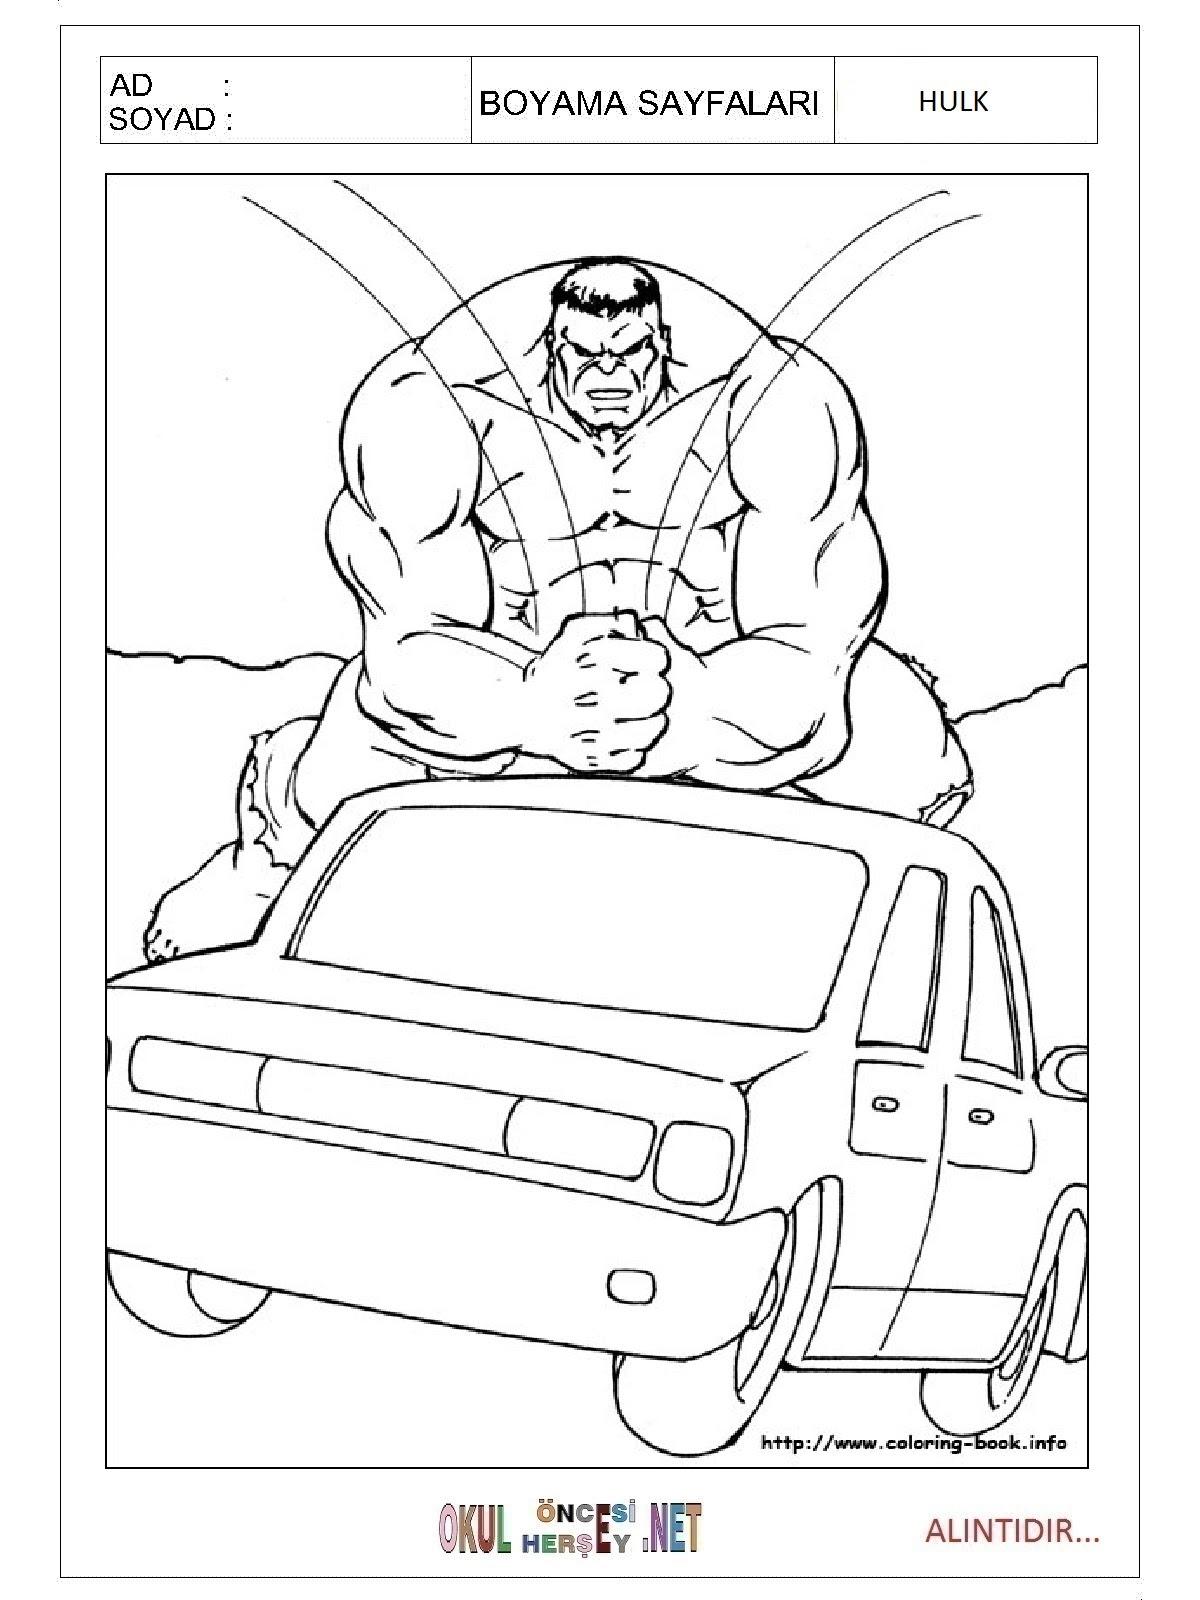 Hulk Boyama Sayfalari